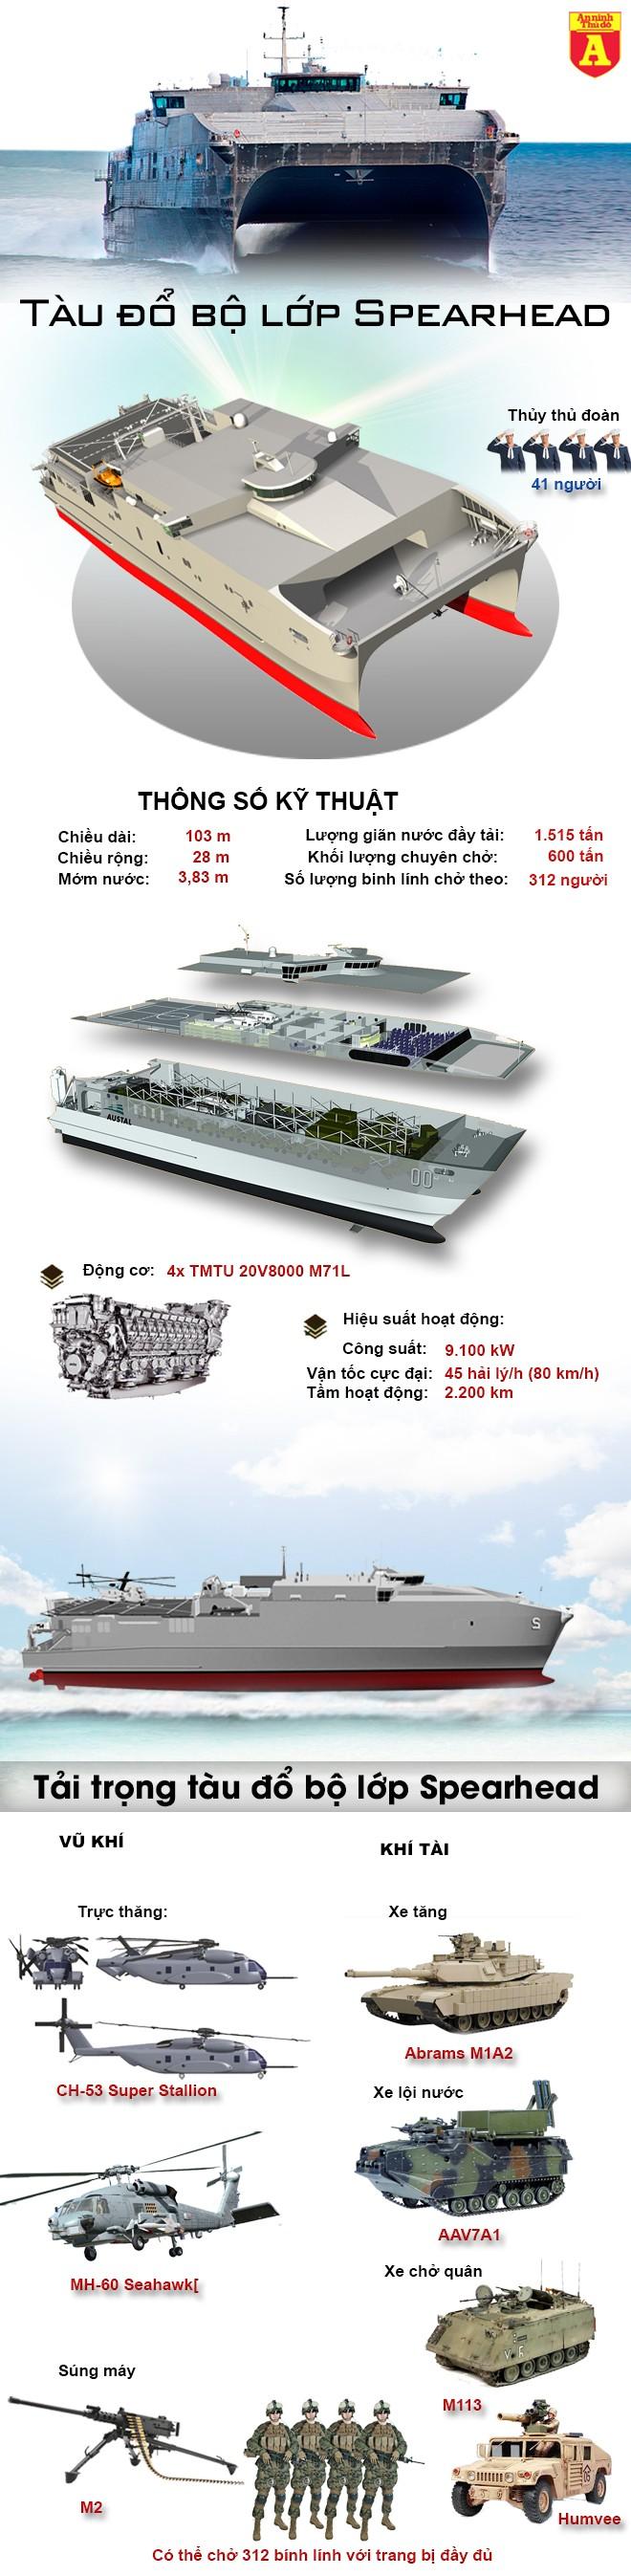 """[Infographic] Khám phá """"quái thú đổ bộ"""" của hải quân Mỹ ảnh 2"""